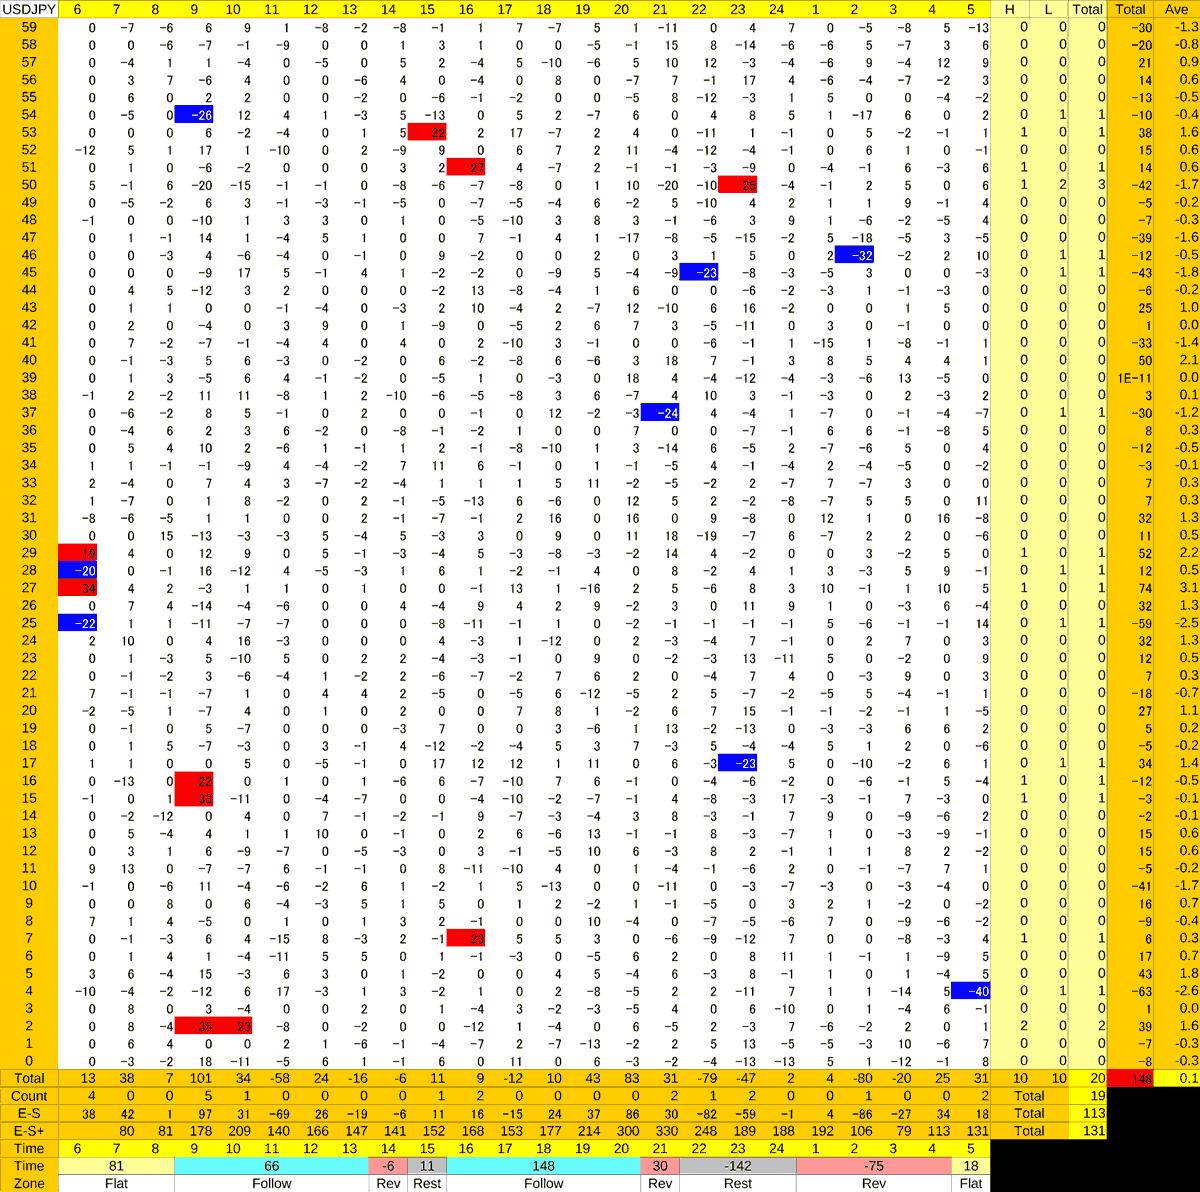 20201020_HS(1)USDJPY